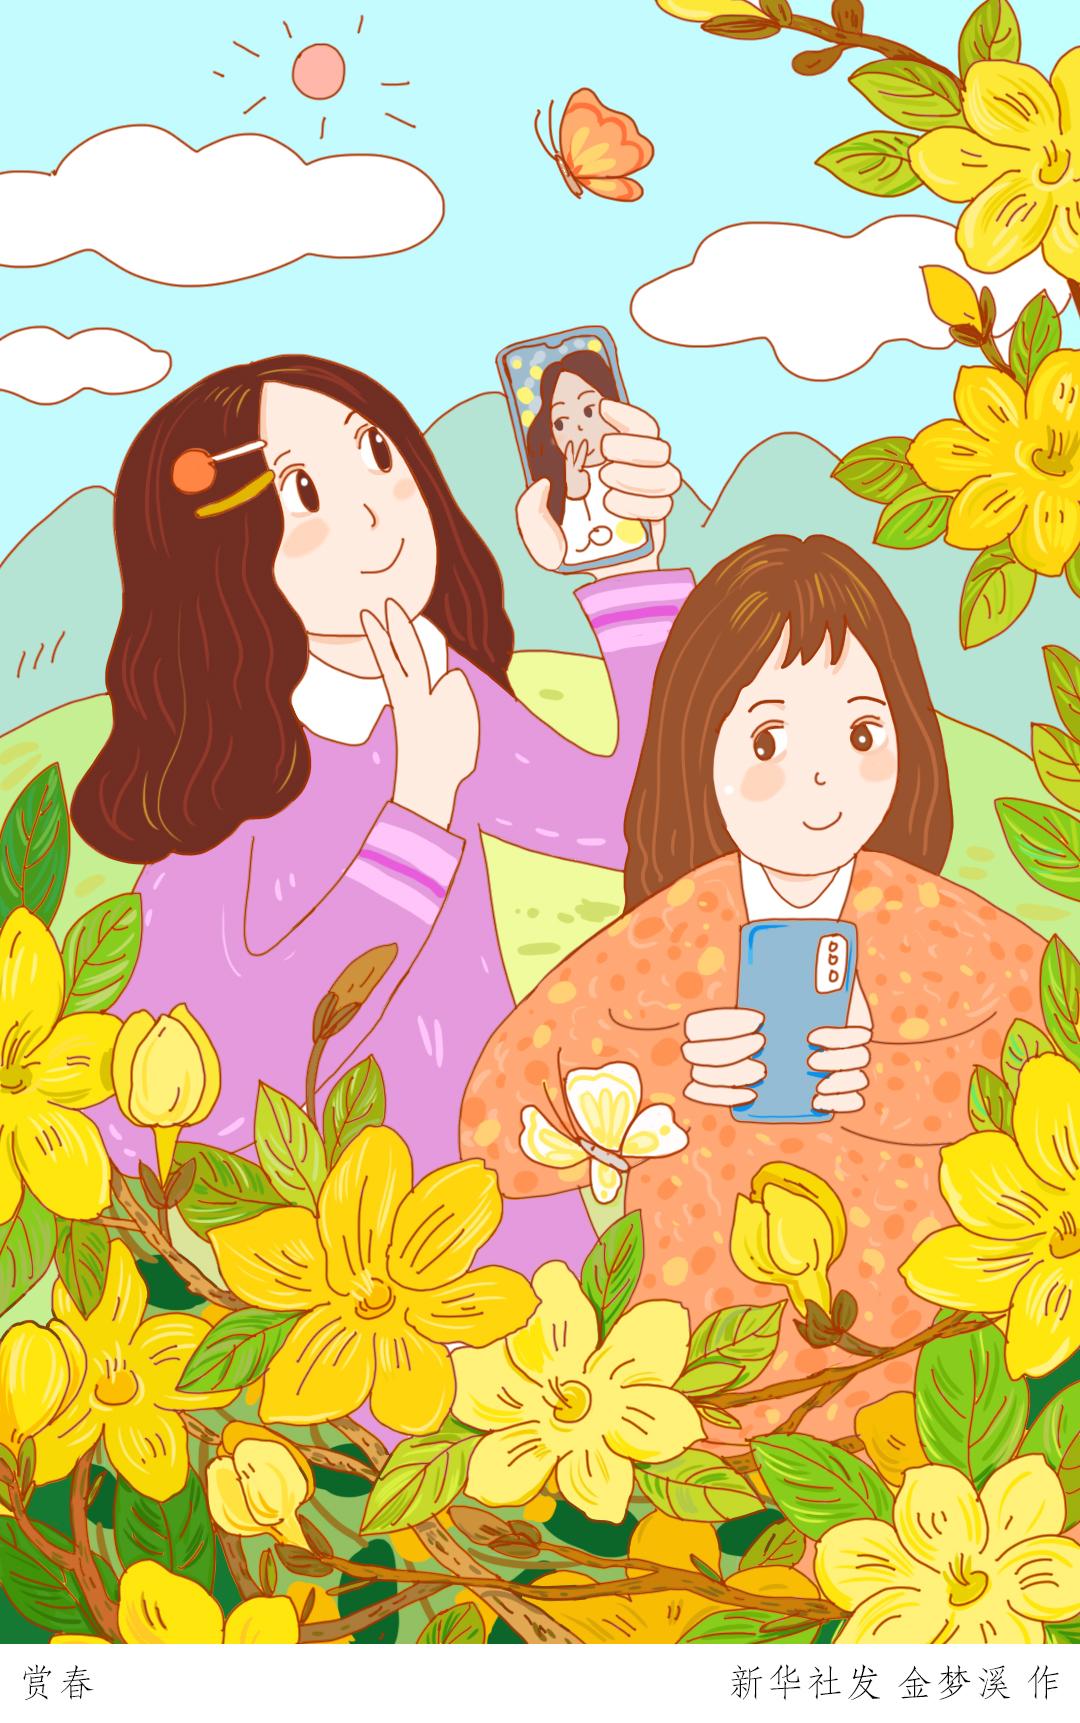 【二十四节气,春分】享受春天